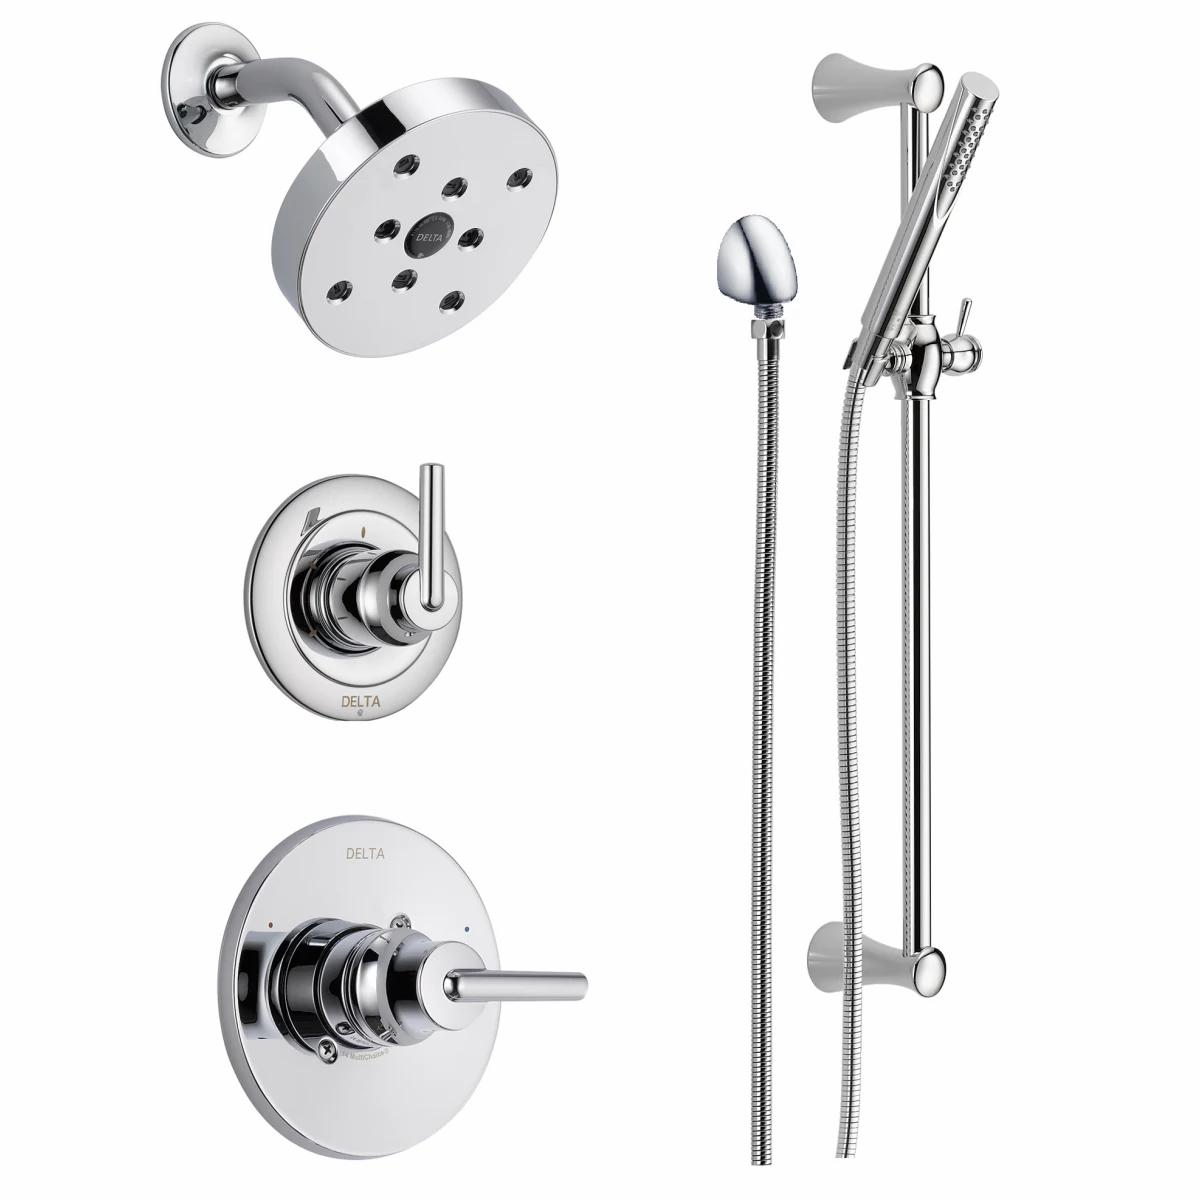 מערכת מקלחת שלמה הכוללת - מוט פינוק + צינור + מזלף + ראש ברז + אינטרפוץ ומיקסר וכל החומרה הדרושה להתקנה - גימור כרום גוון אפור